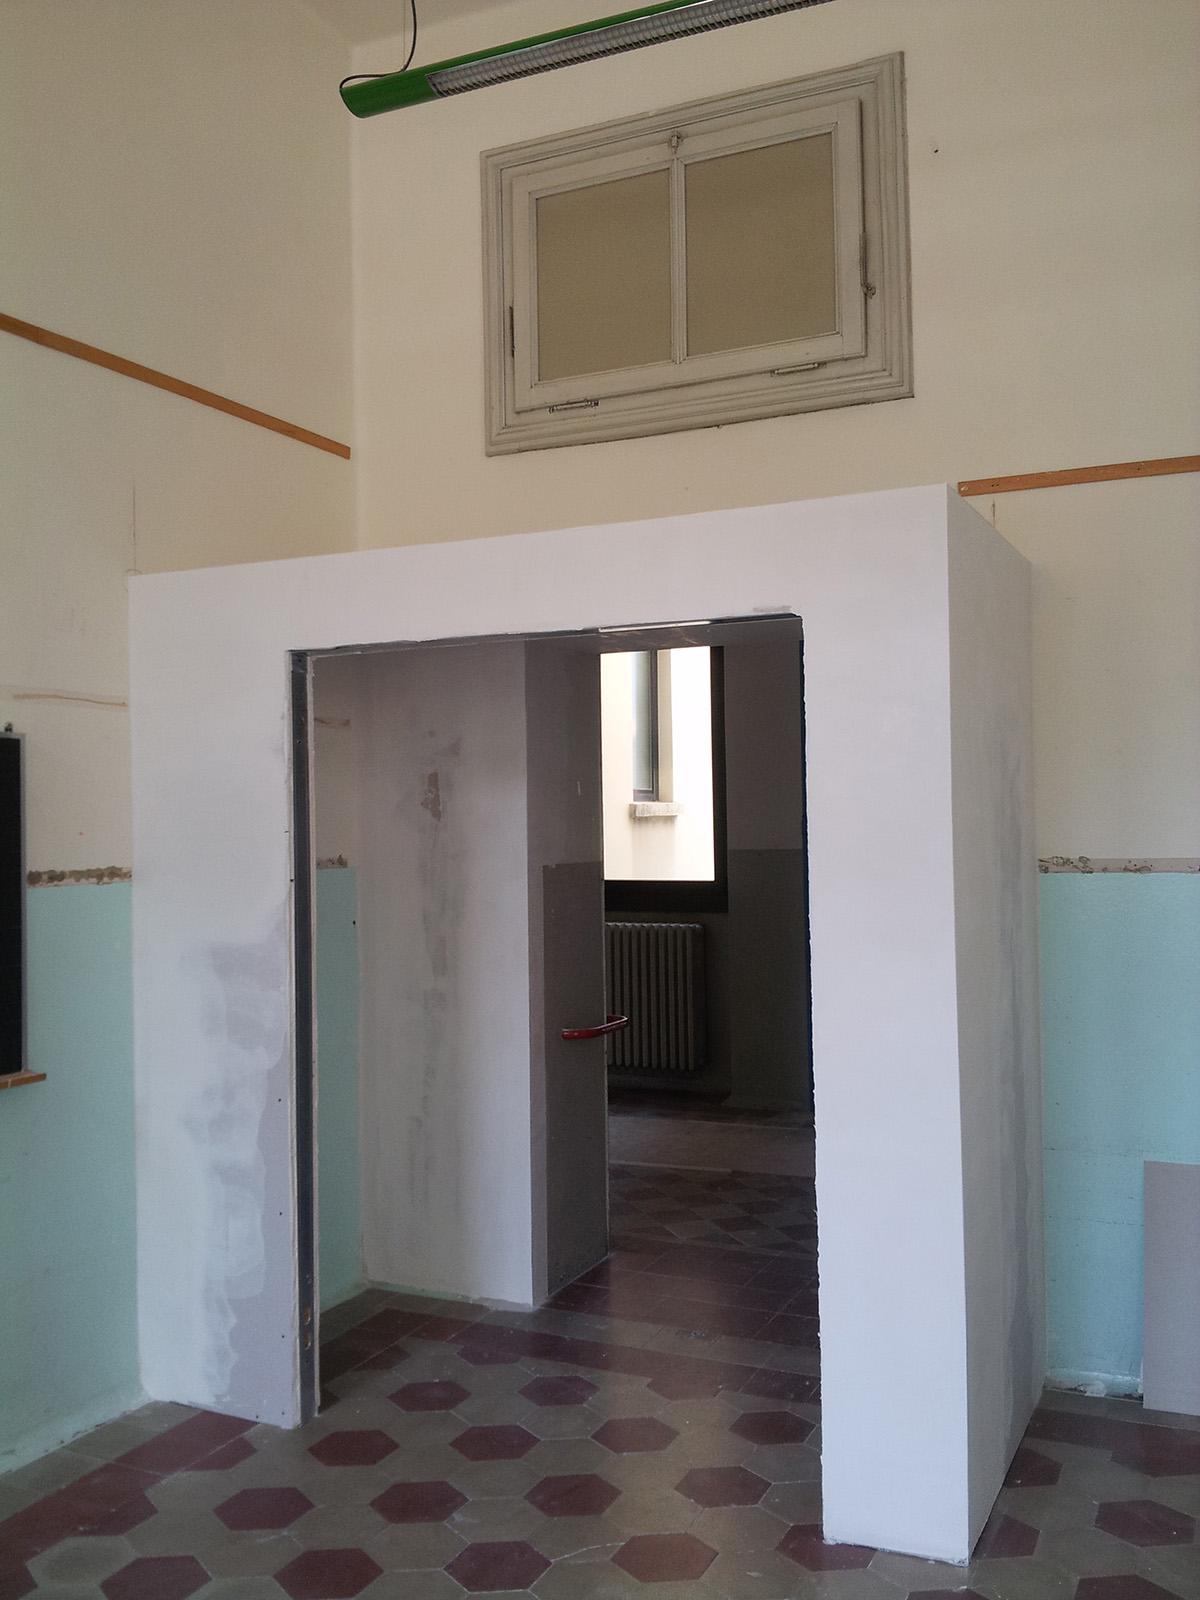 Perico-Renato-Pradalunga (BG) - Scuola comunale - Manutenzione straordinaria 12